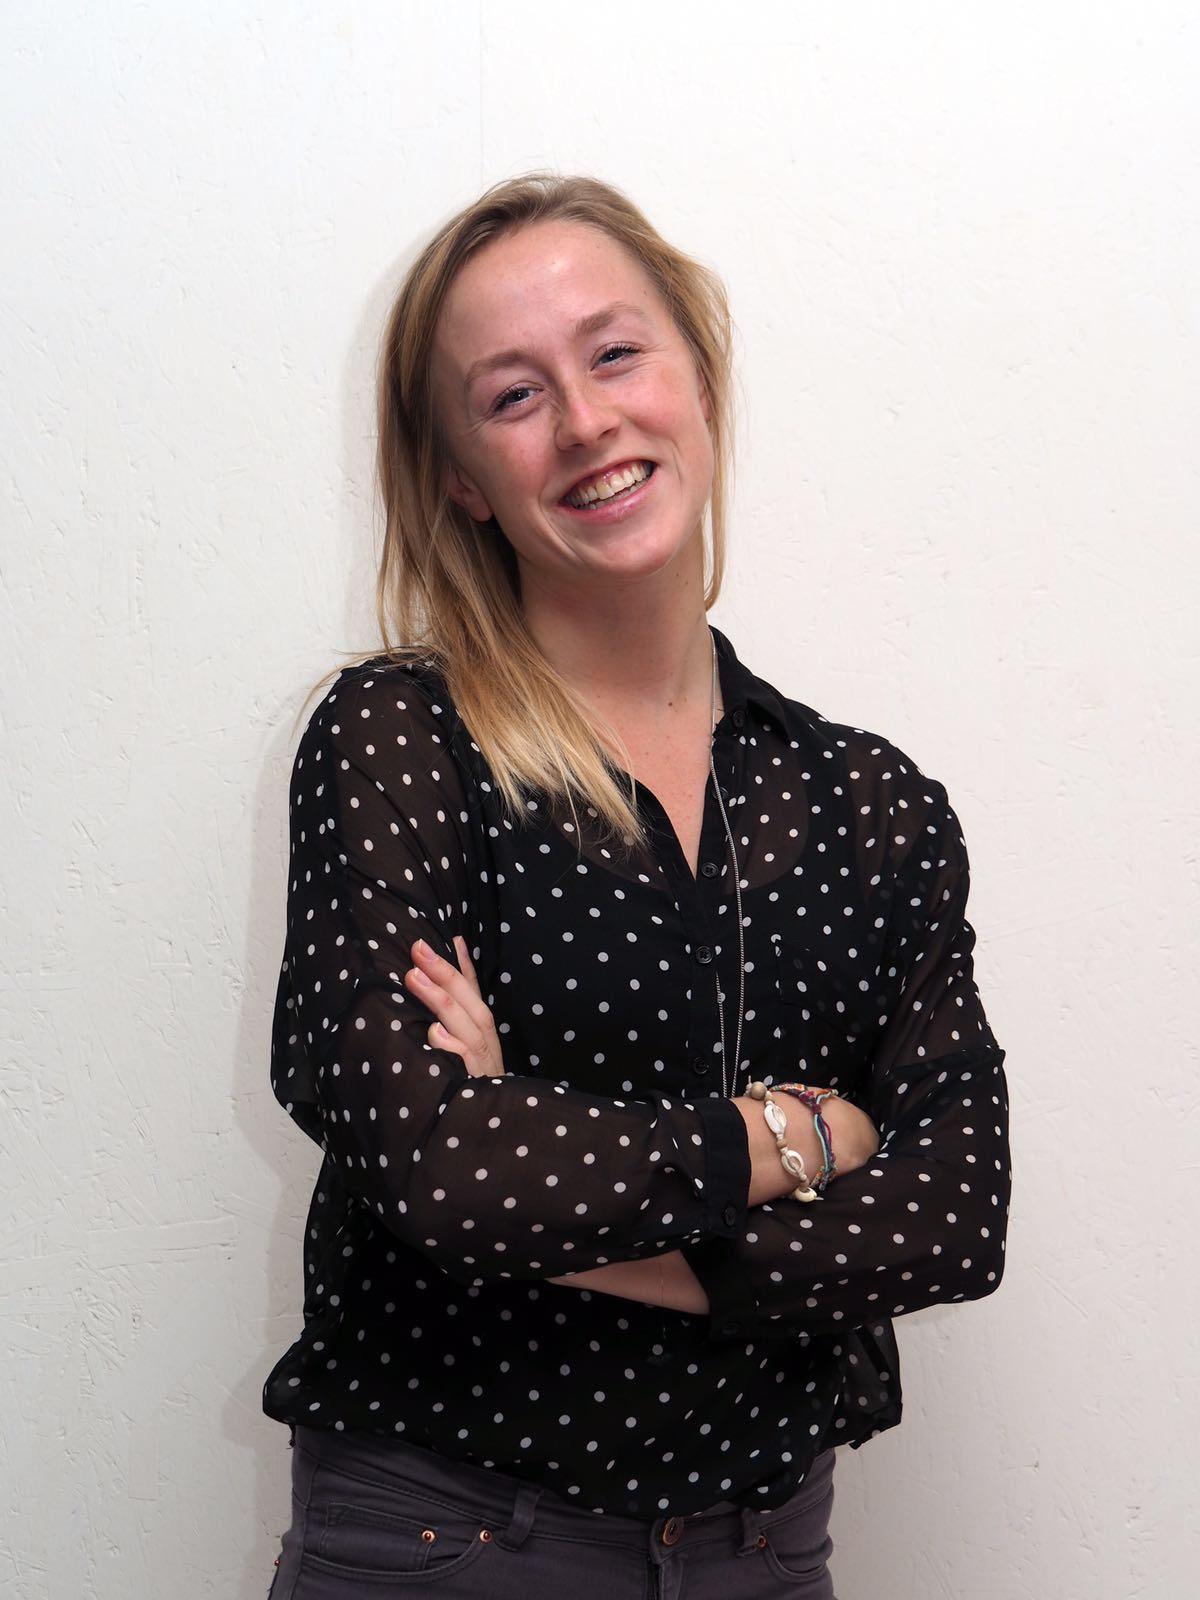 Karin Boerkamp